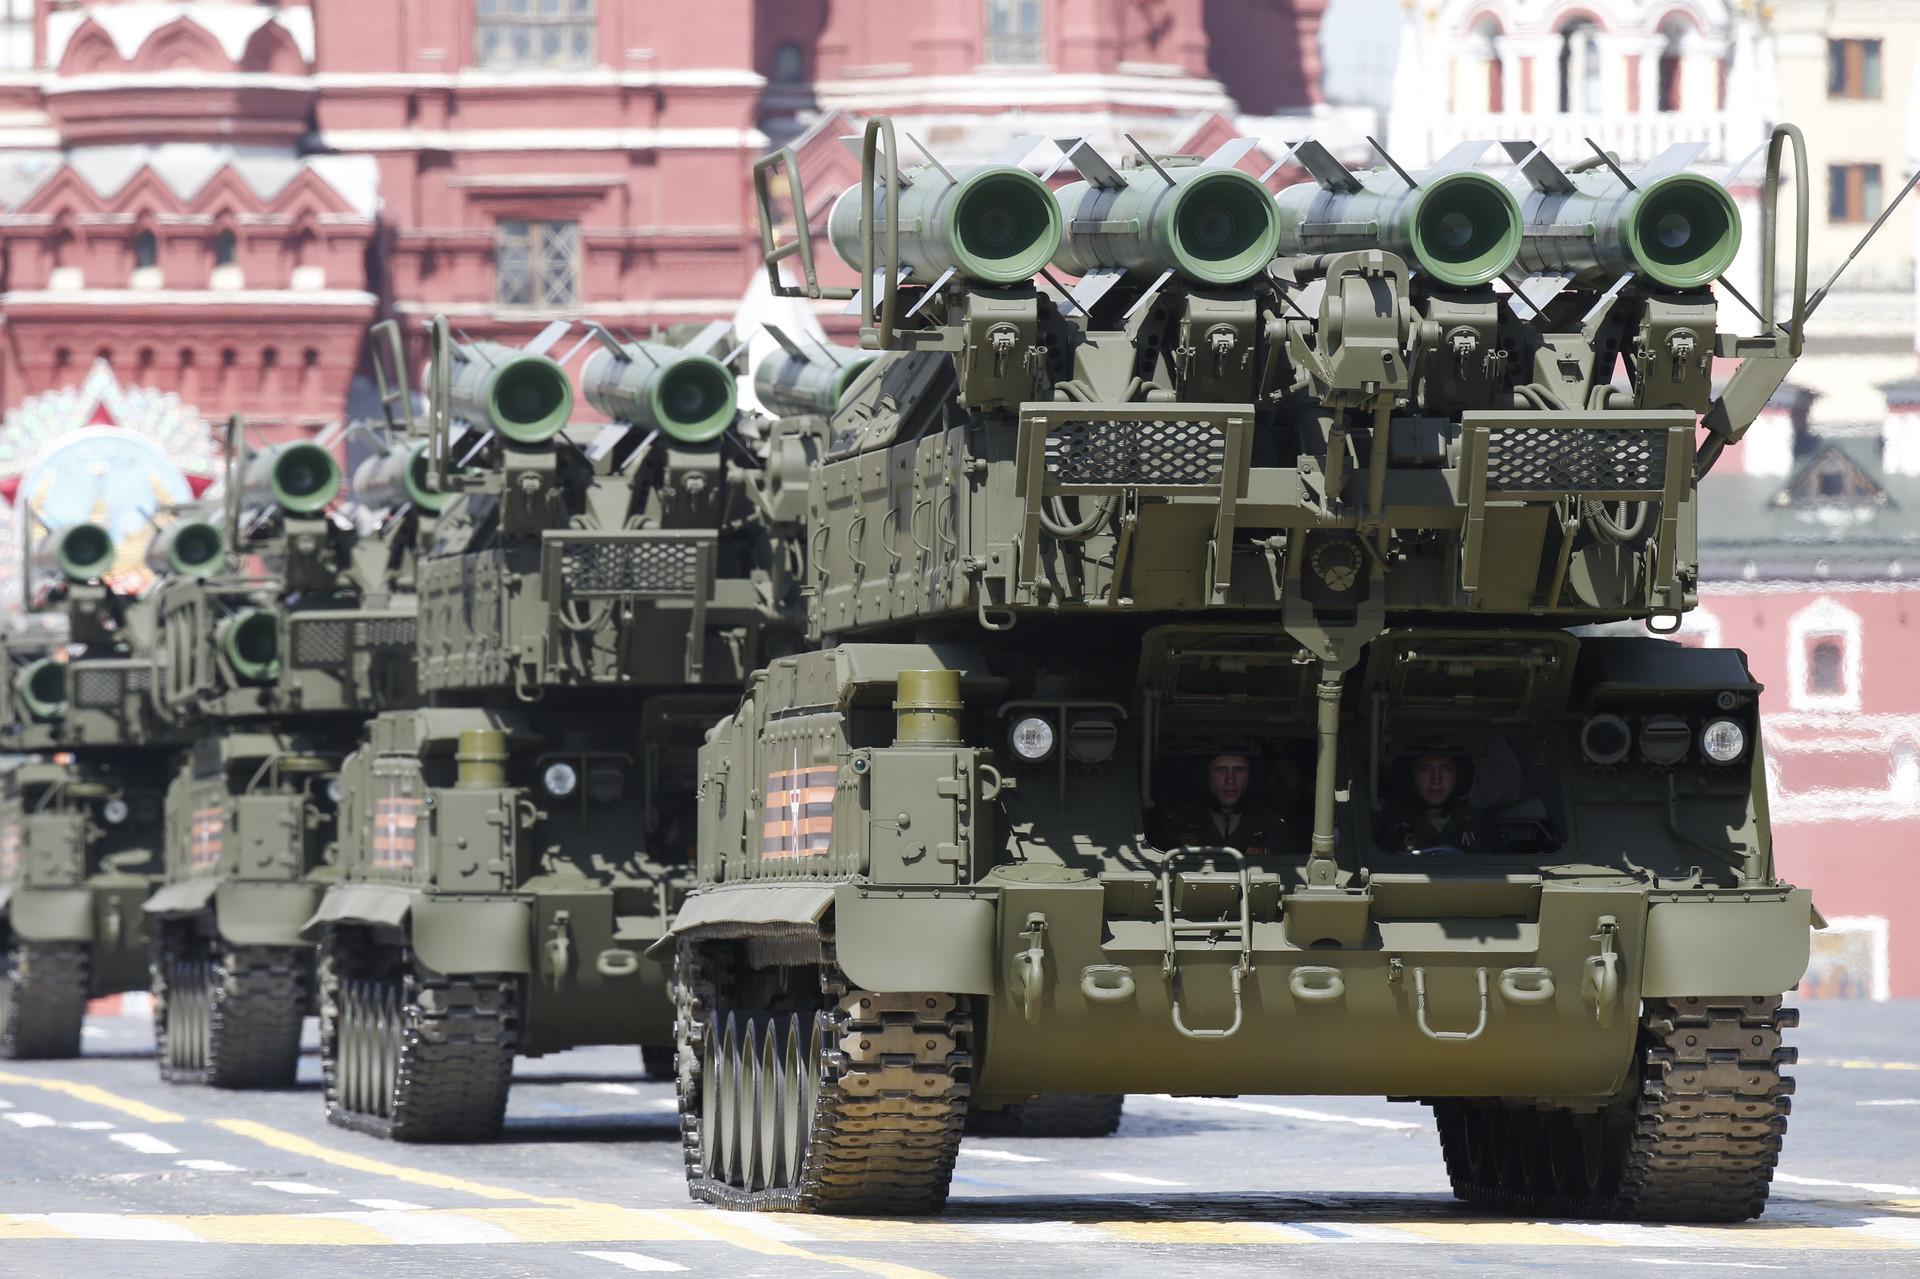 Sistemas de defensa antiaéreo BUK-M2 participan en el desfile del Día de la Victoria en la Plaza Roja en Moscú, el 9 de mayo de 2015